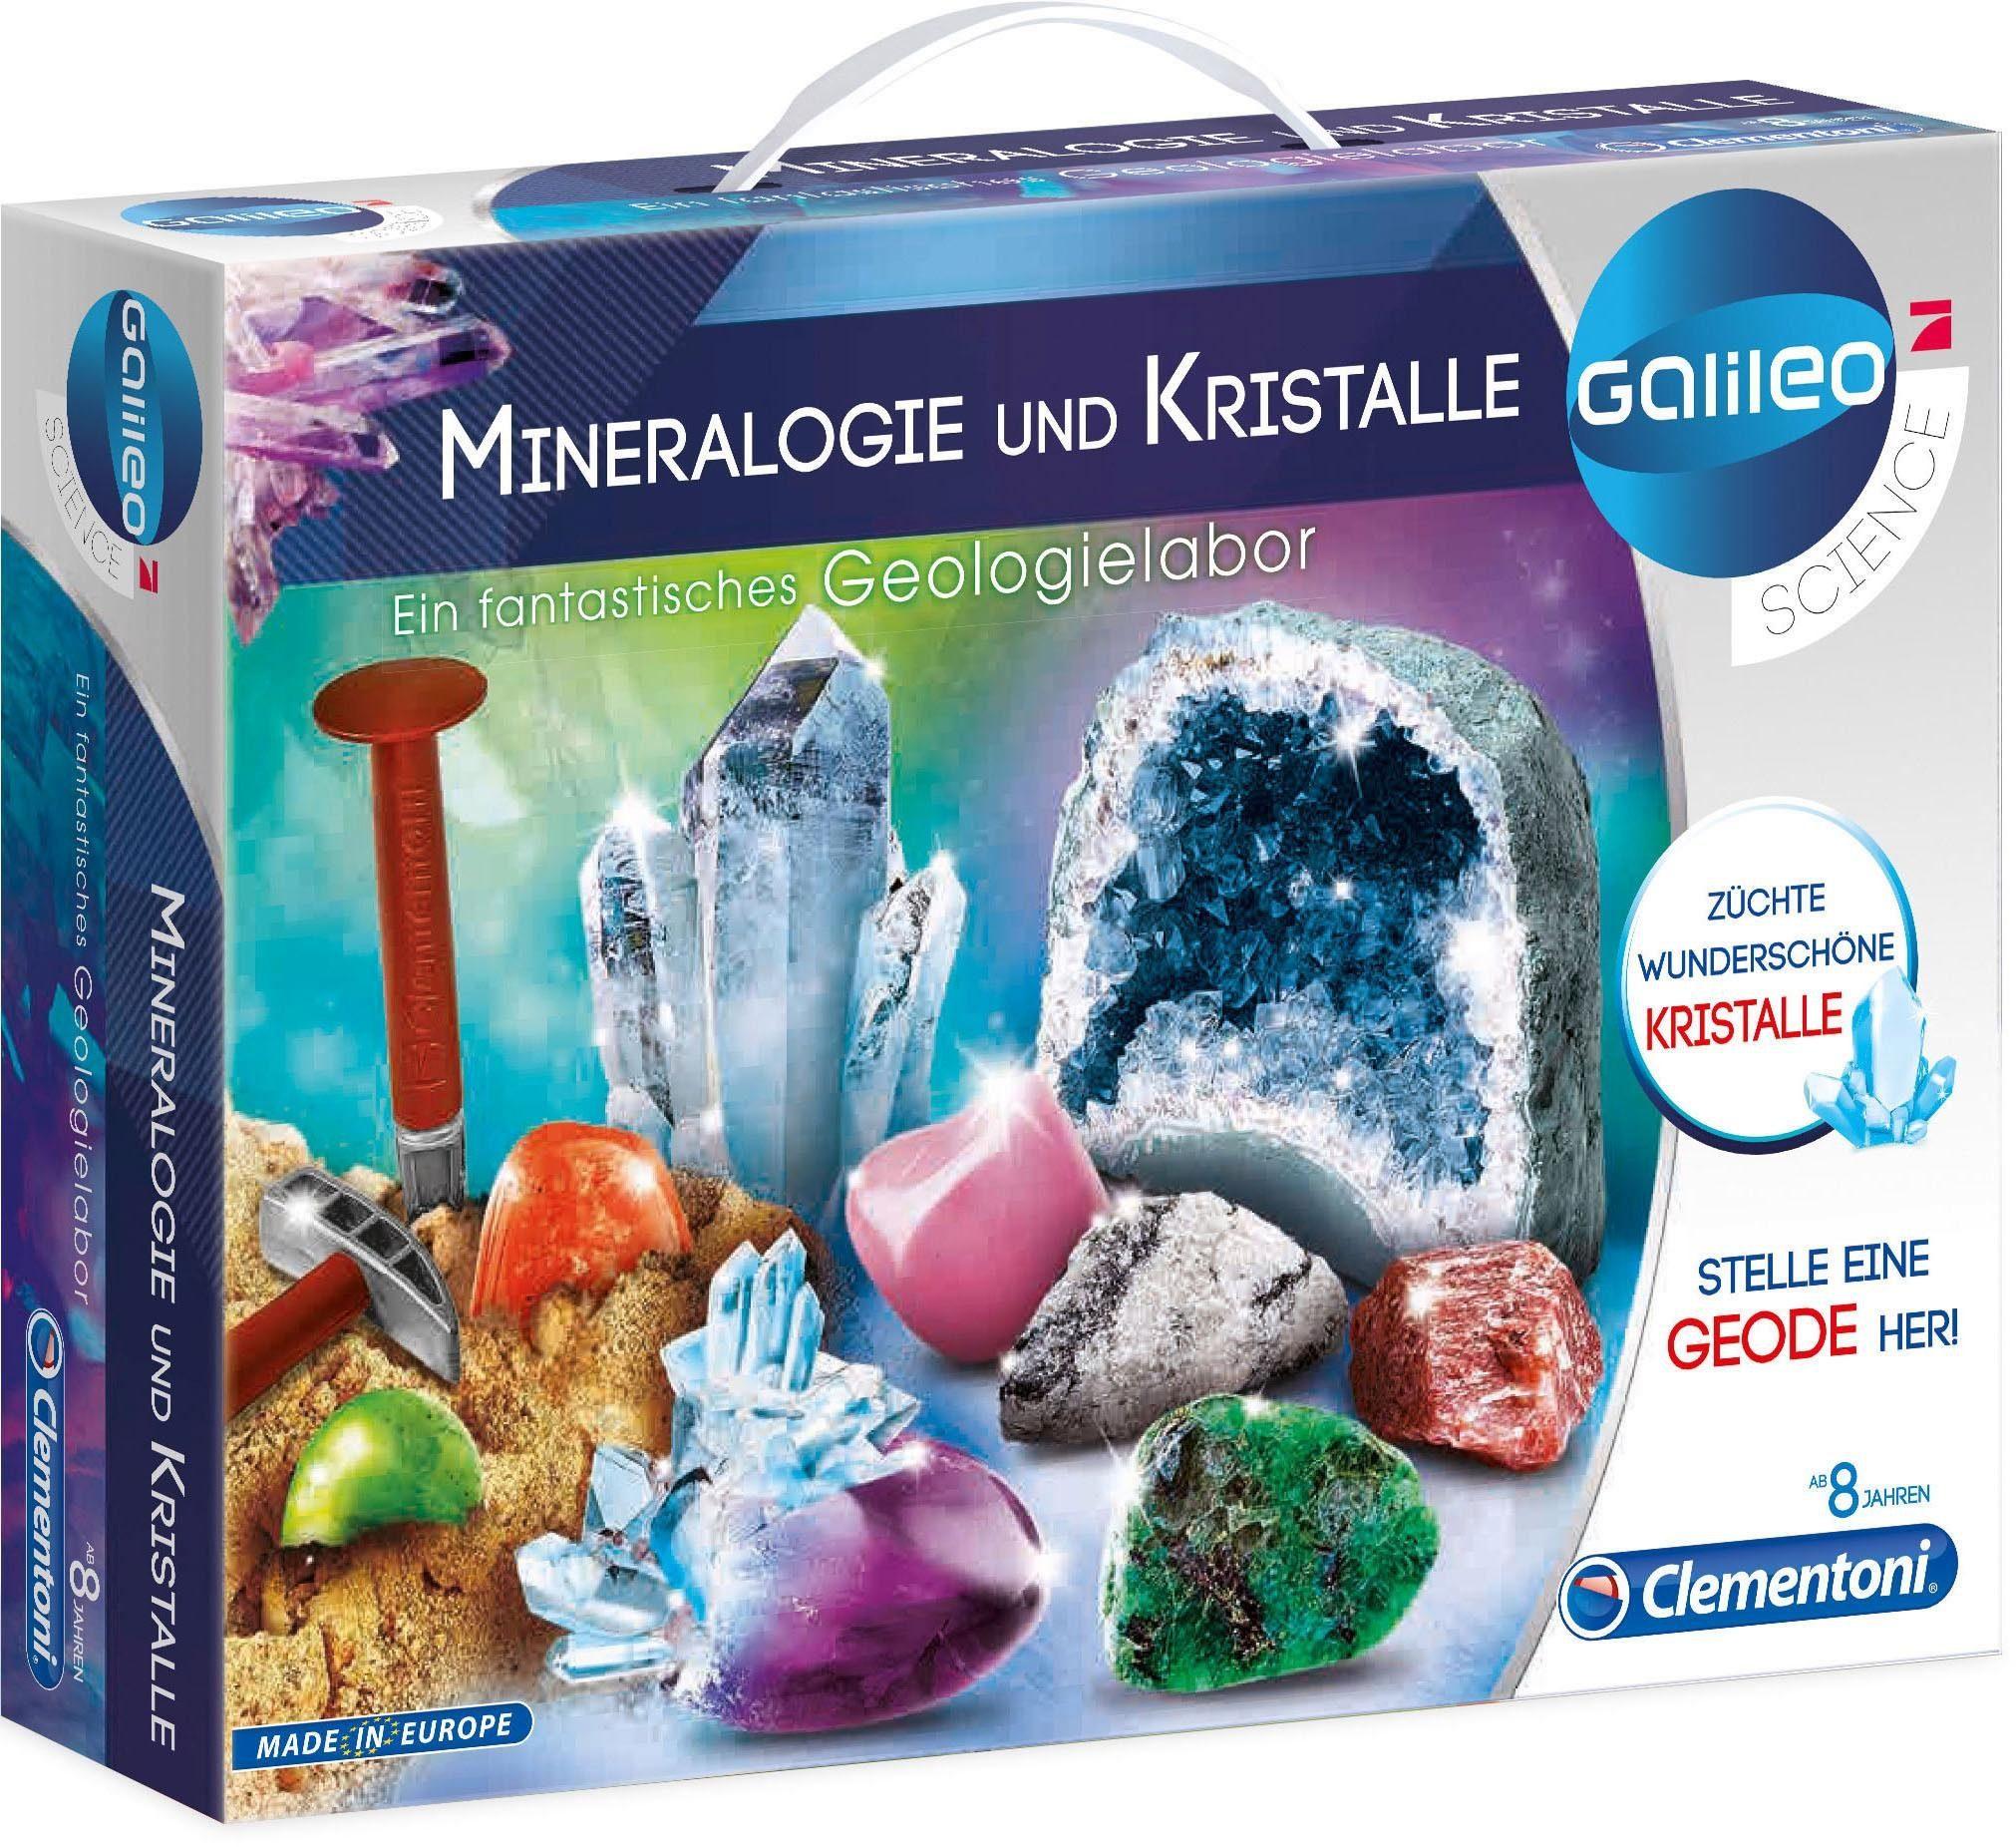 Clementoni Experimentierkasten, »Galileo Ausgrabungsset Mineralogie und Kristalle «